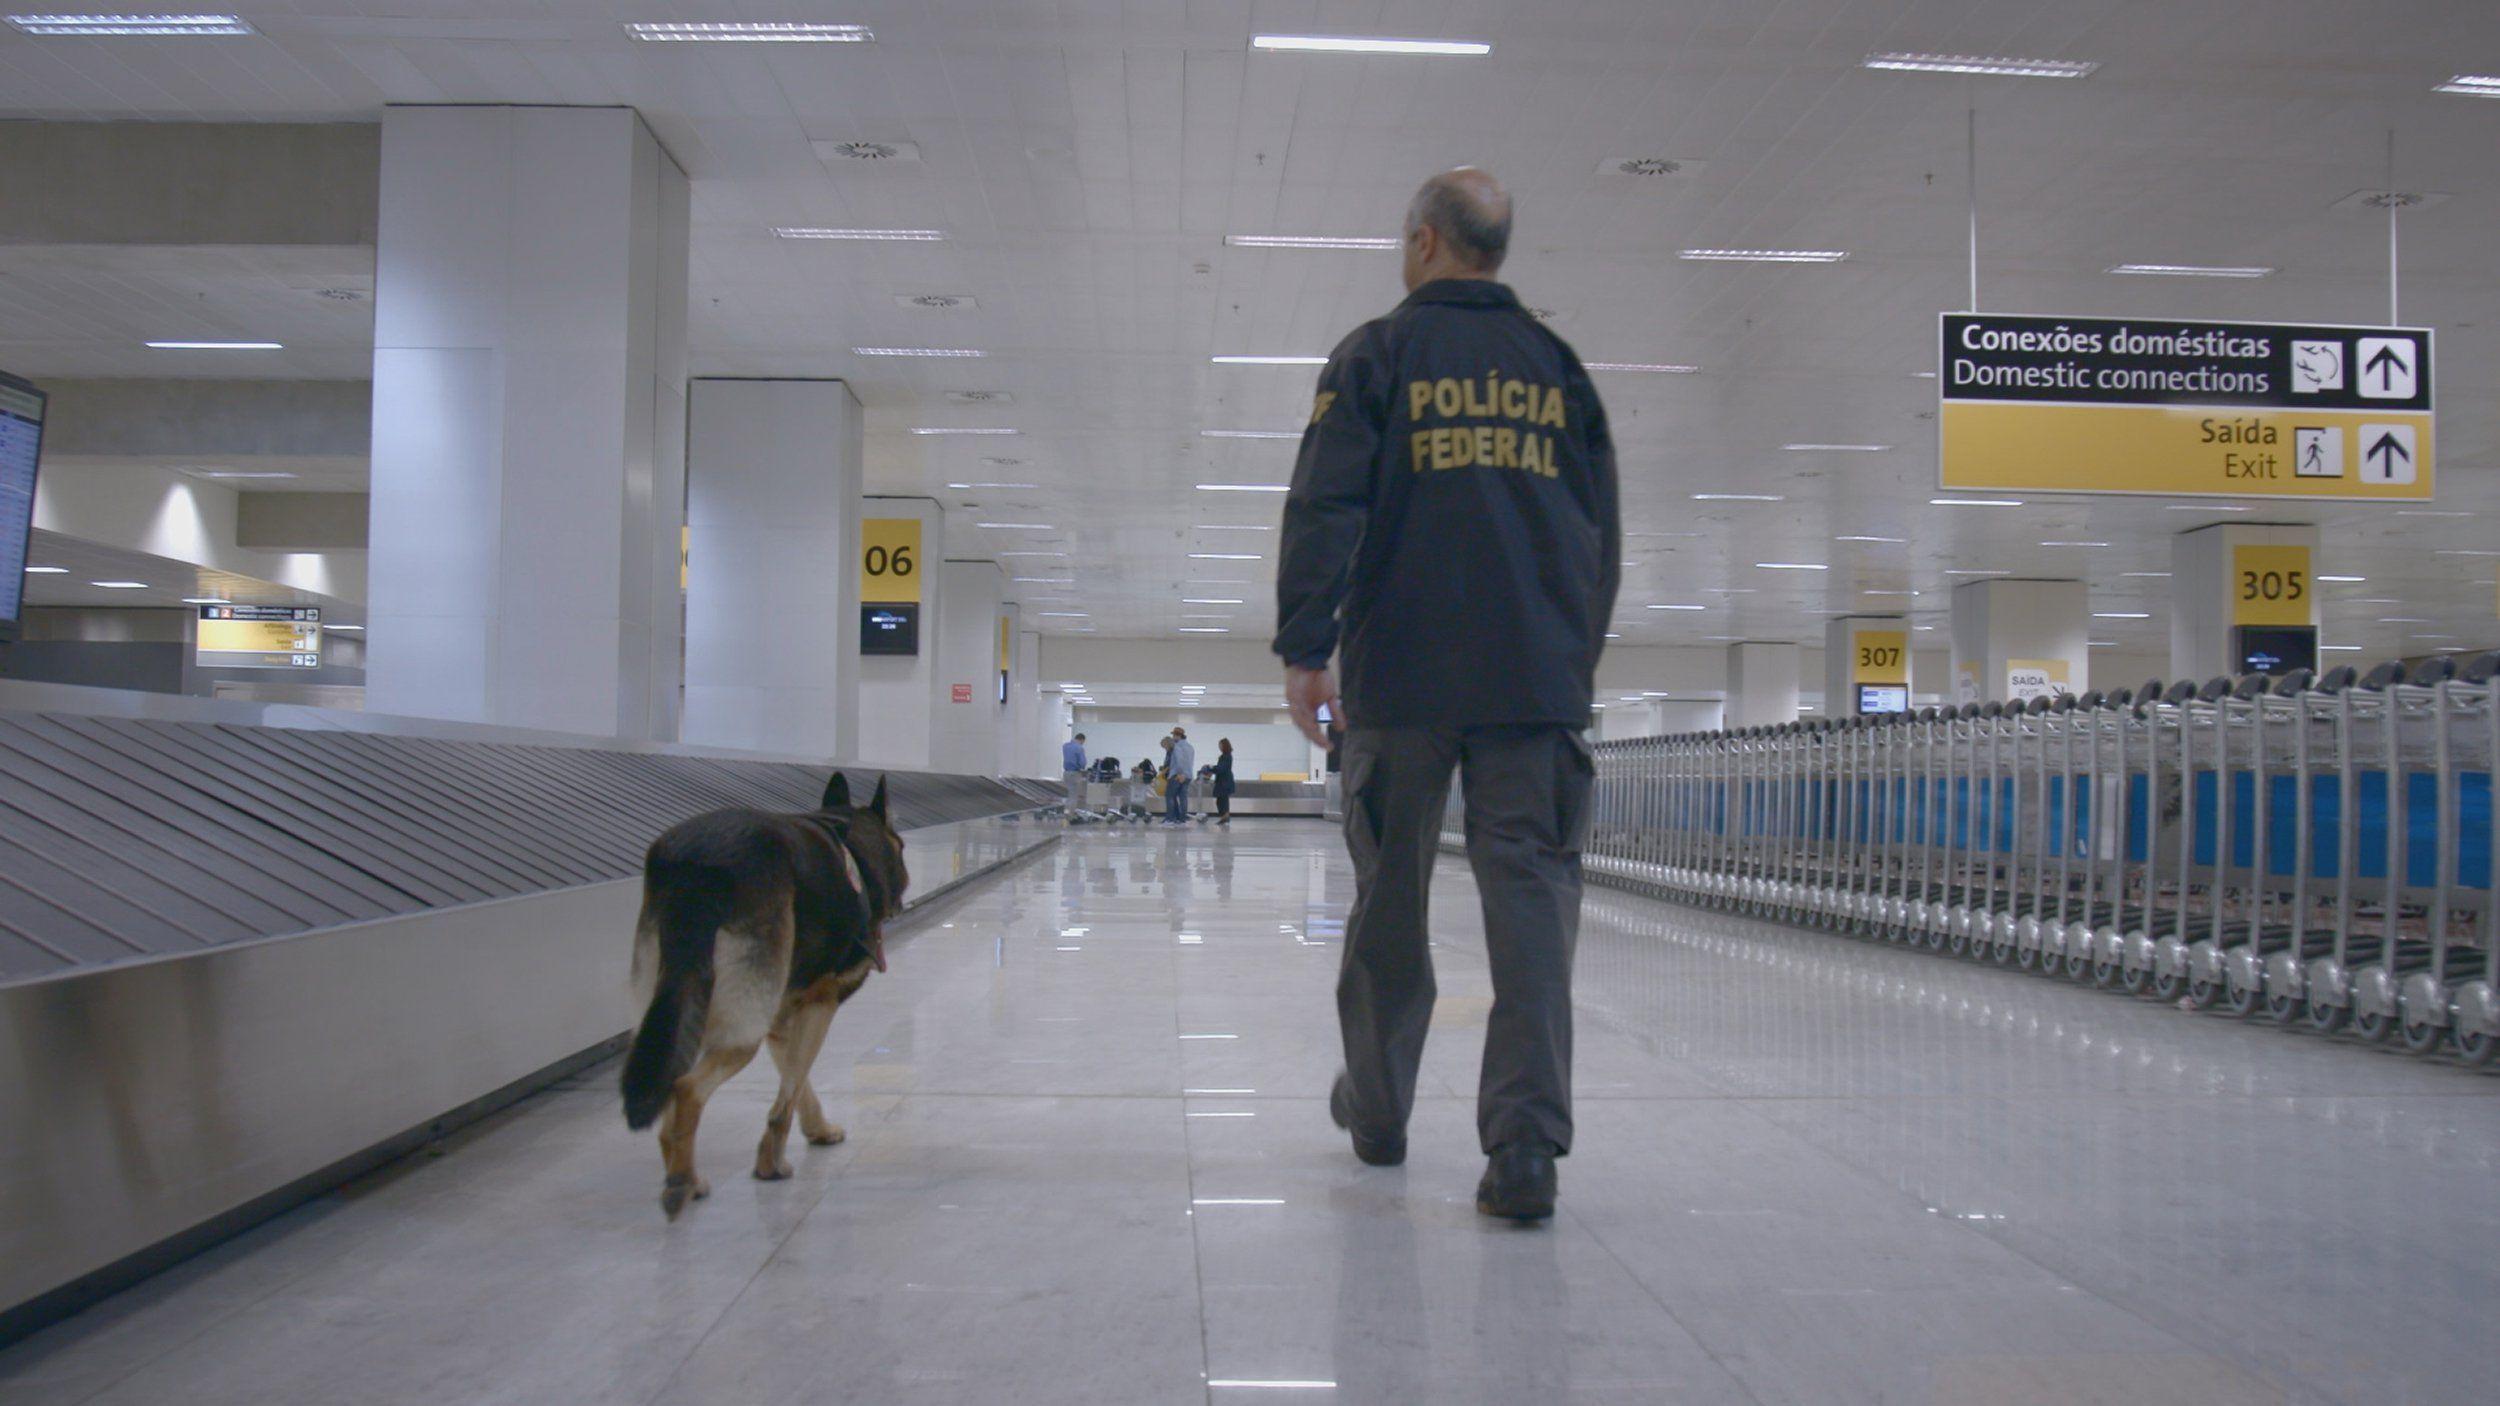 Aeroporto Gru : Notícias ao minuto brasil aeroporto de guarulhos é considerado o